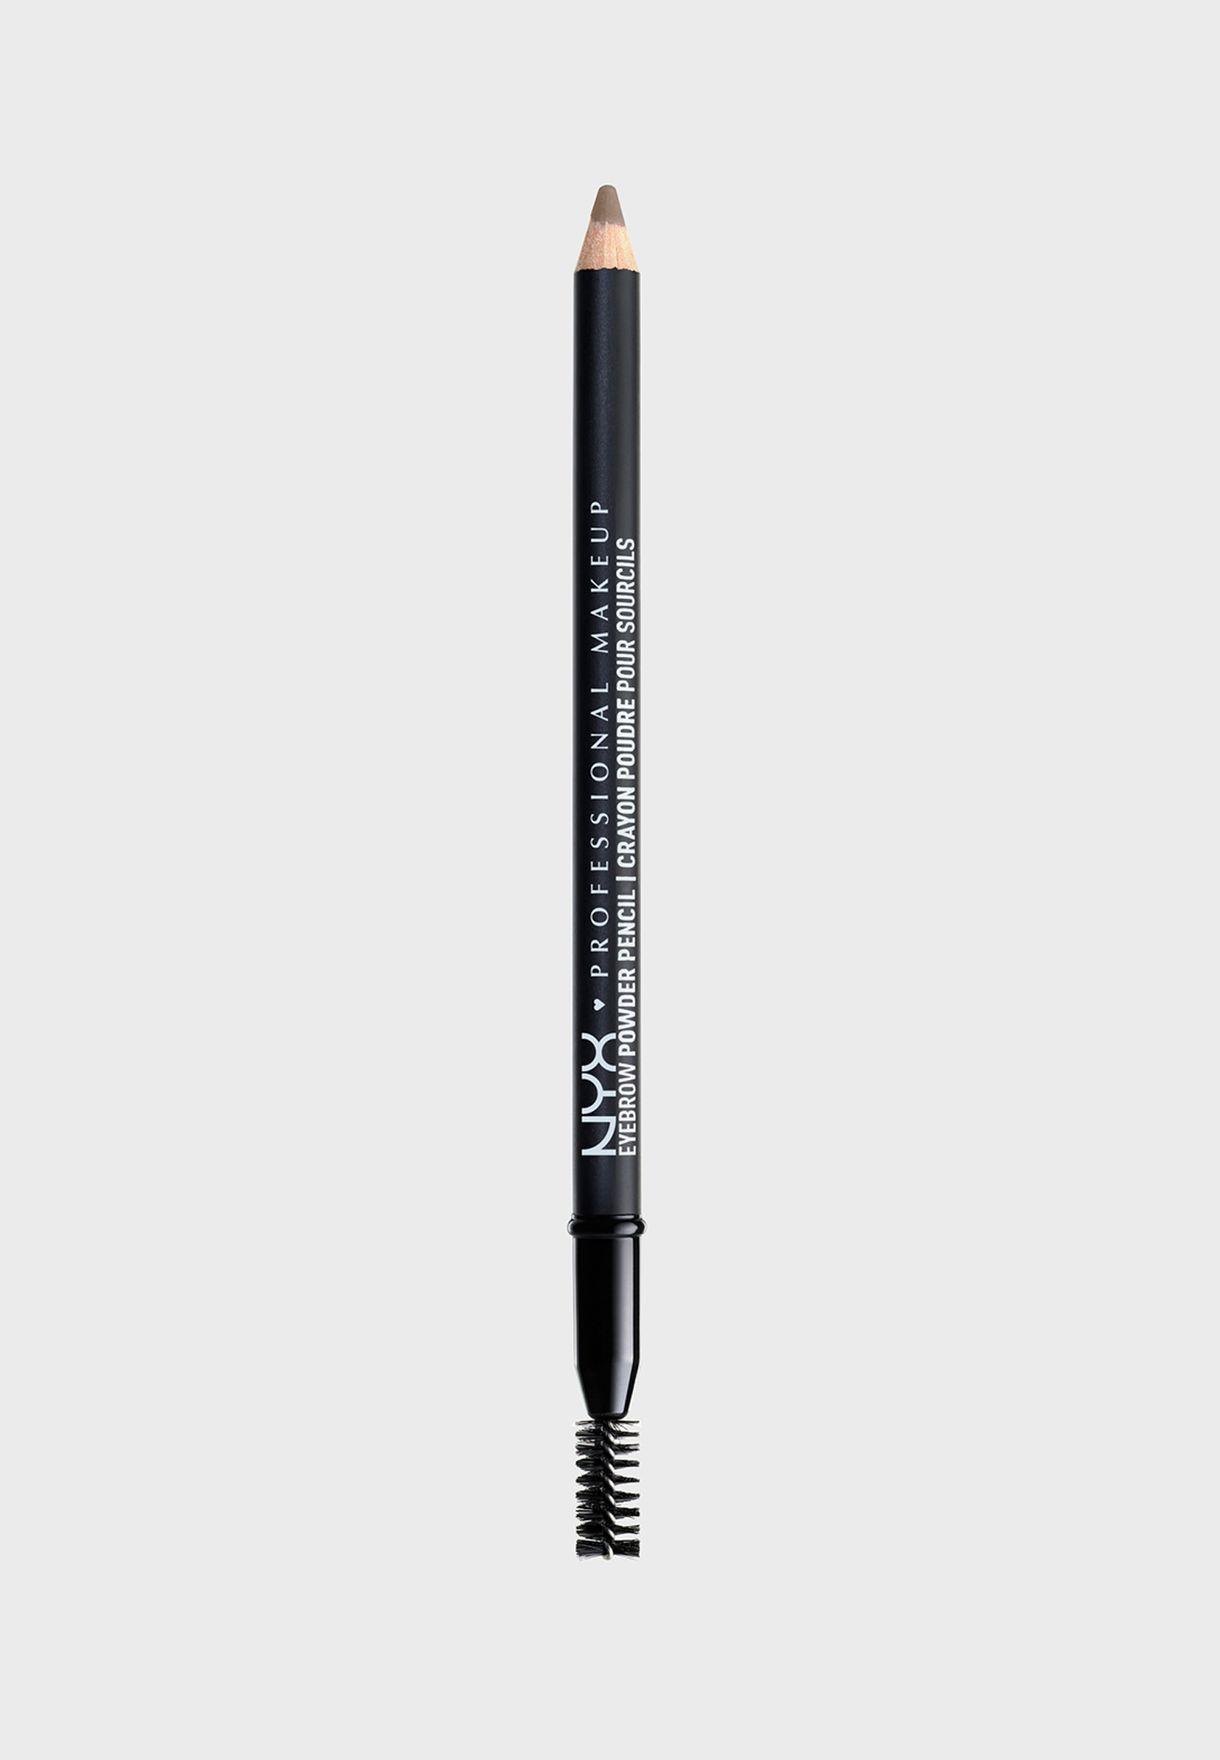 قلم رسم الحواجب بودرة - اش براون